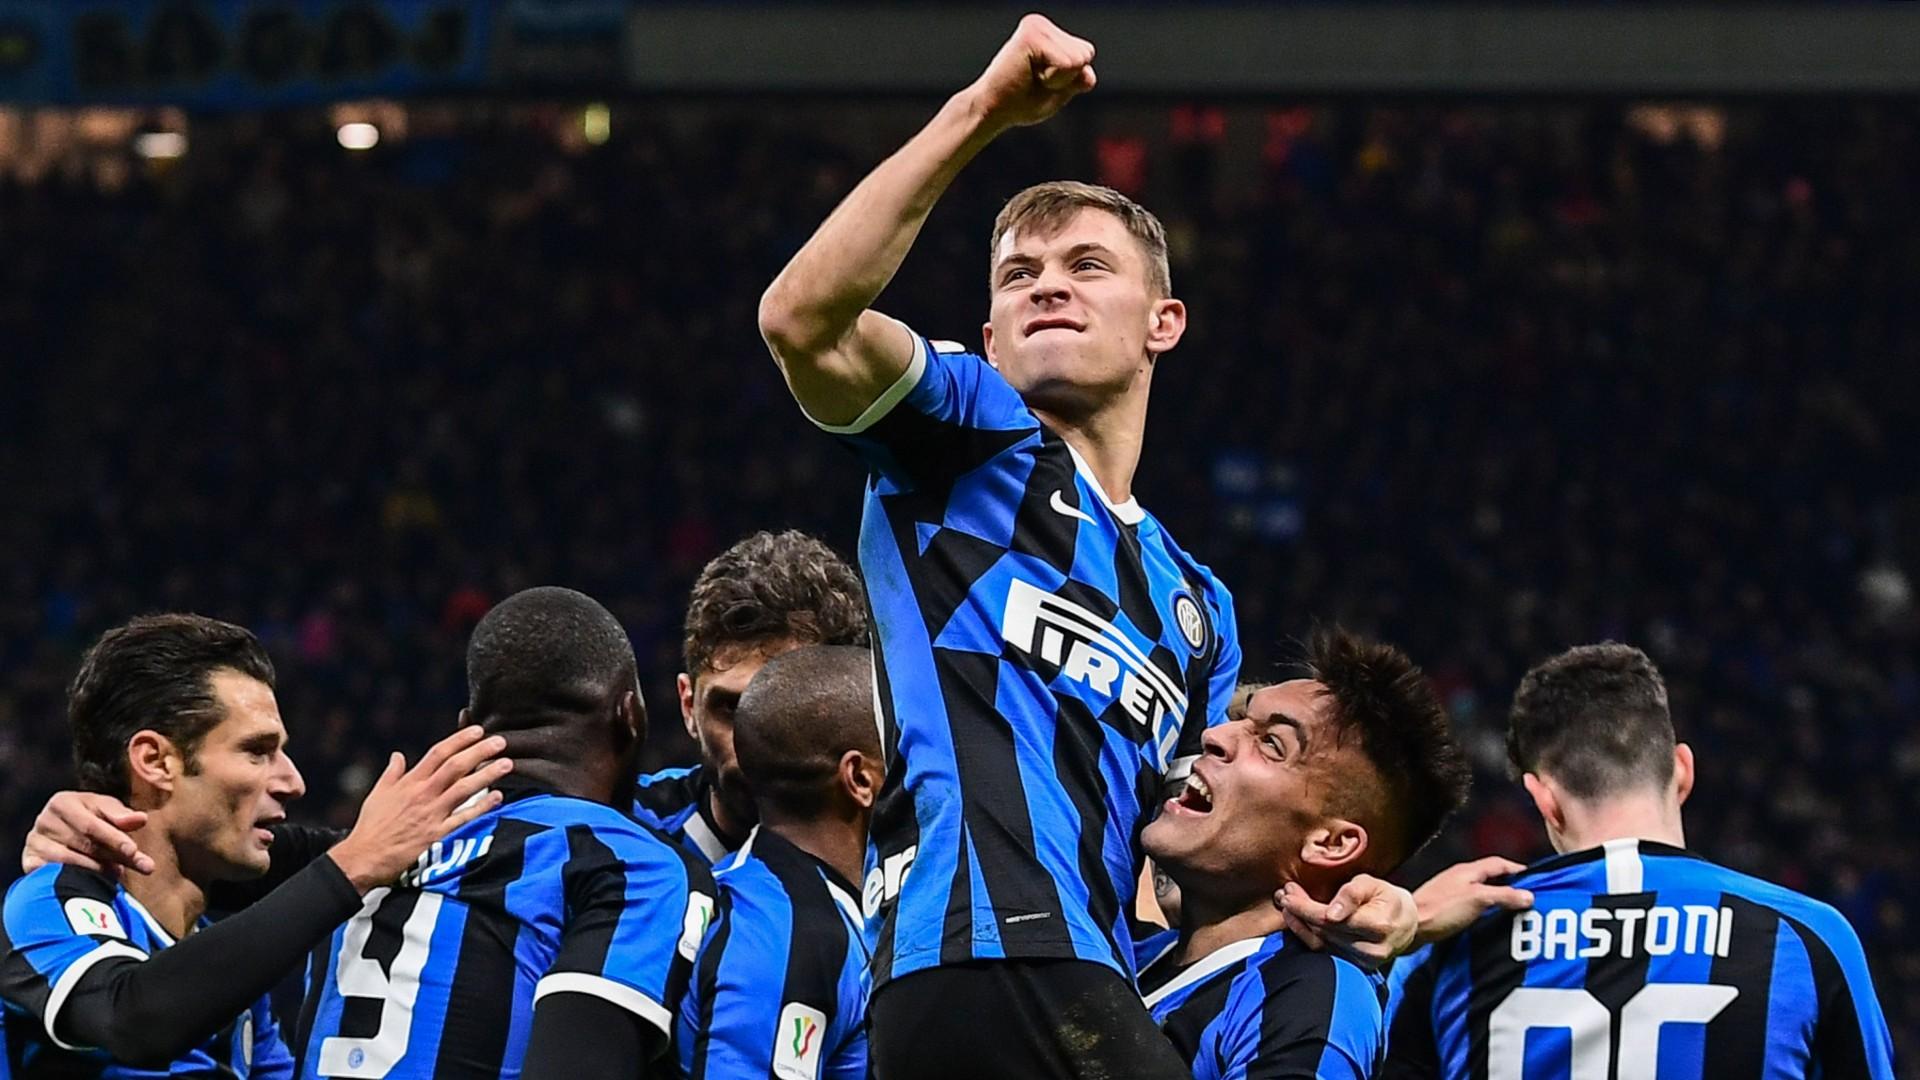 Coupe d'Italie: l'Inter Milan dernier invité dans le carré final